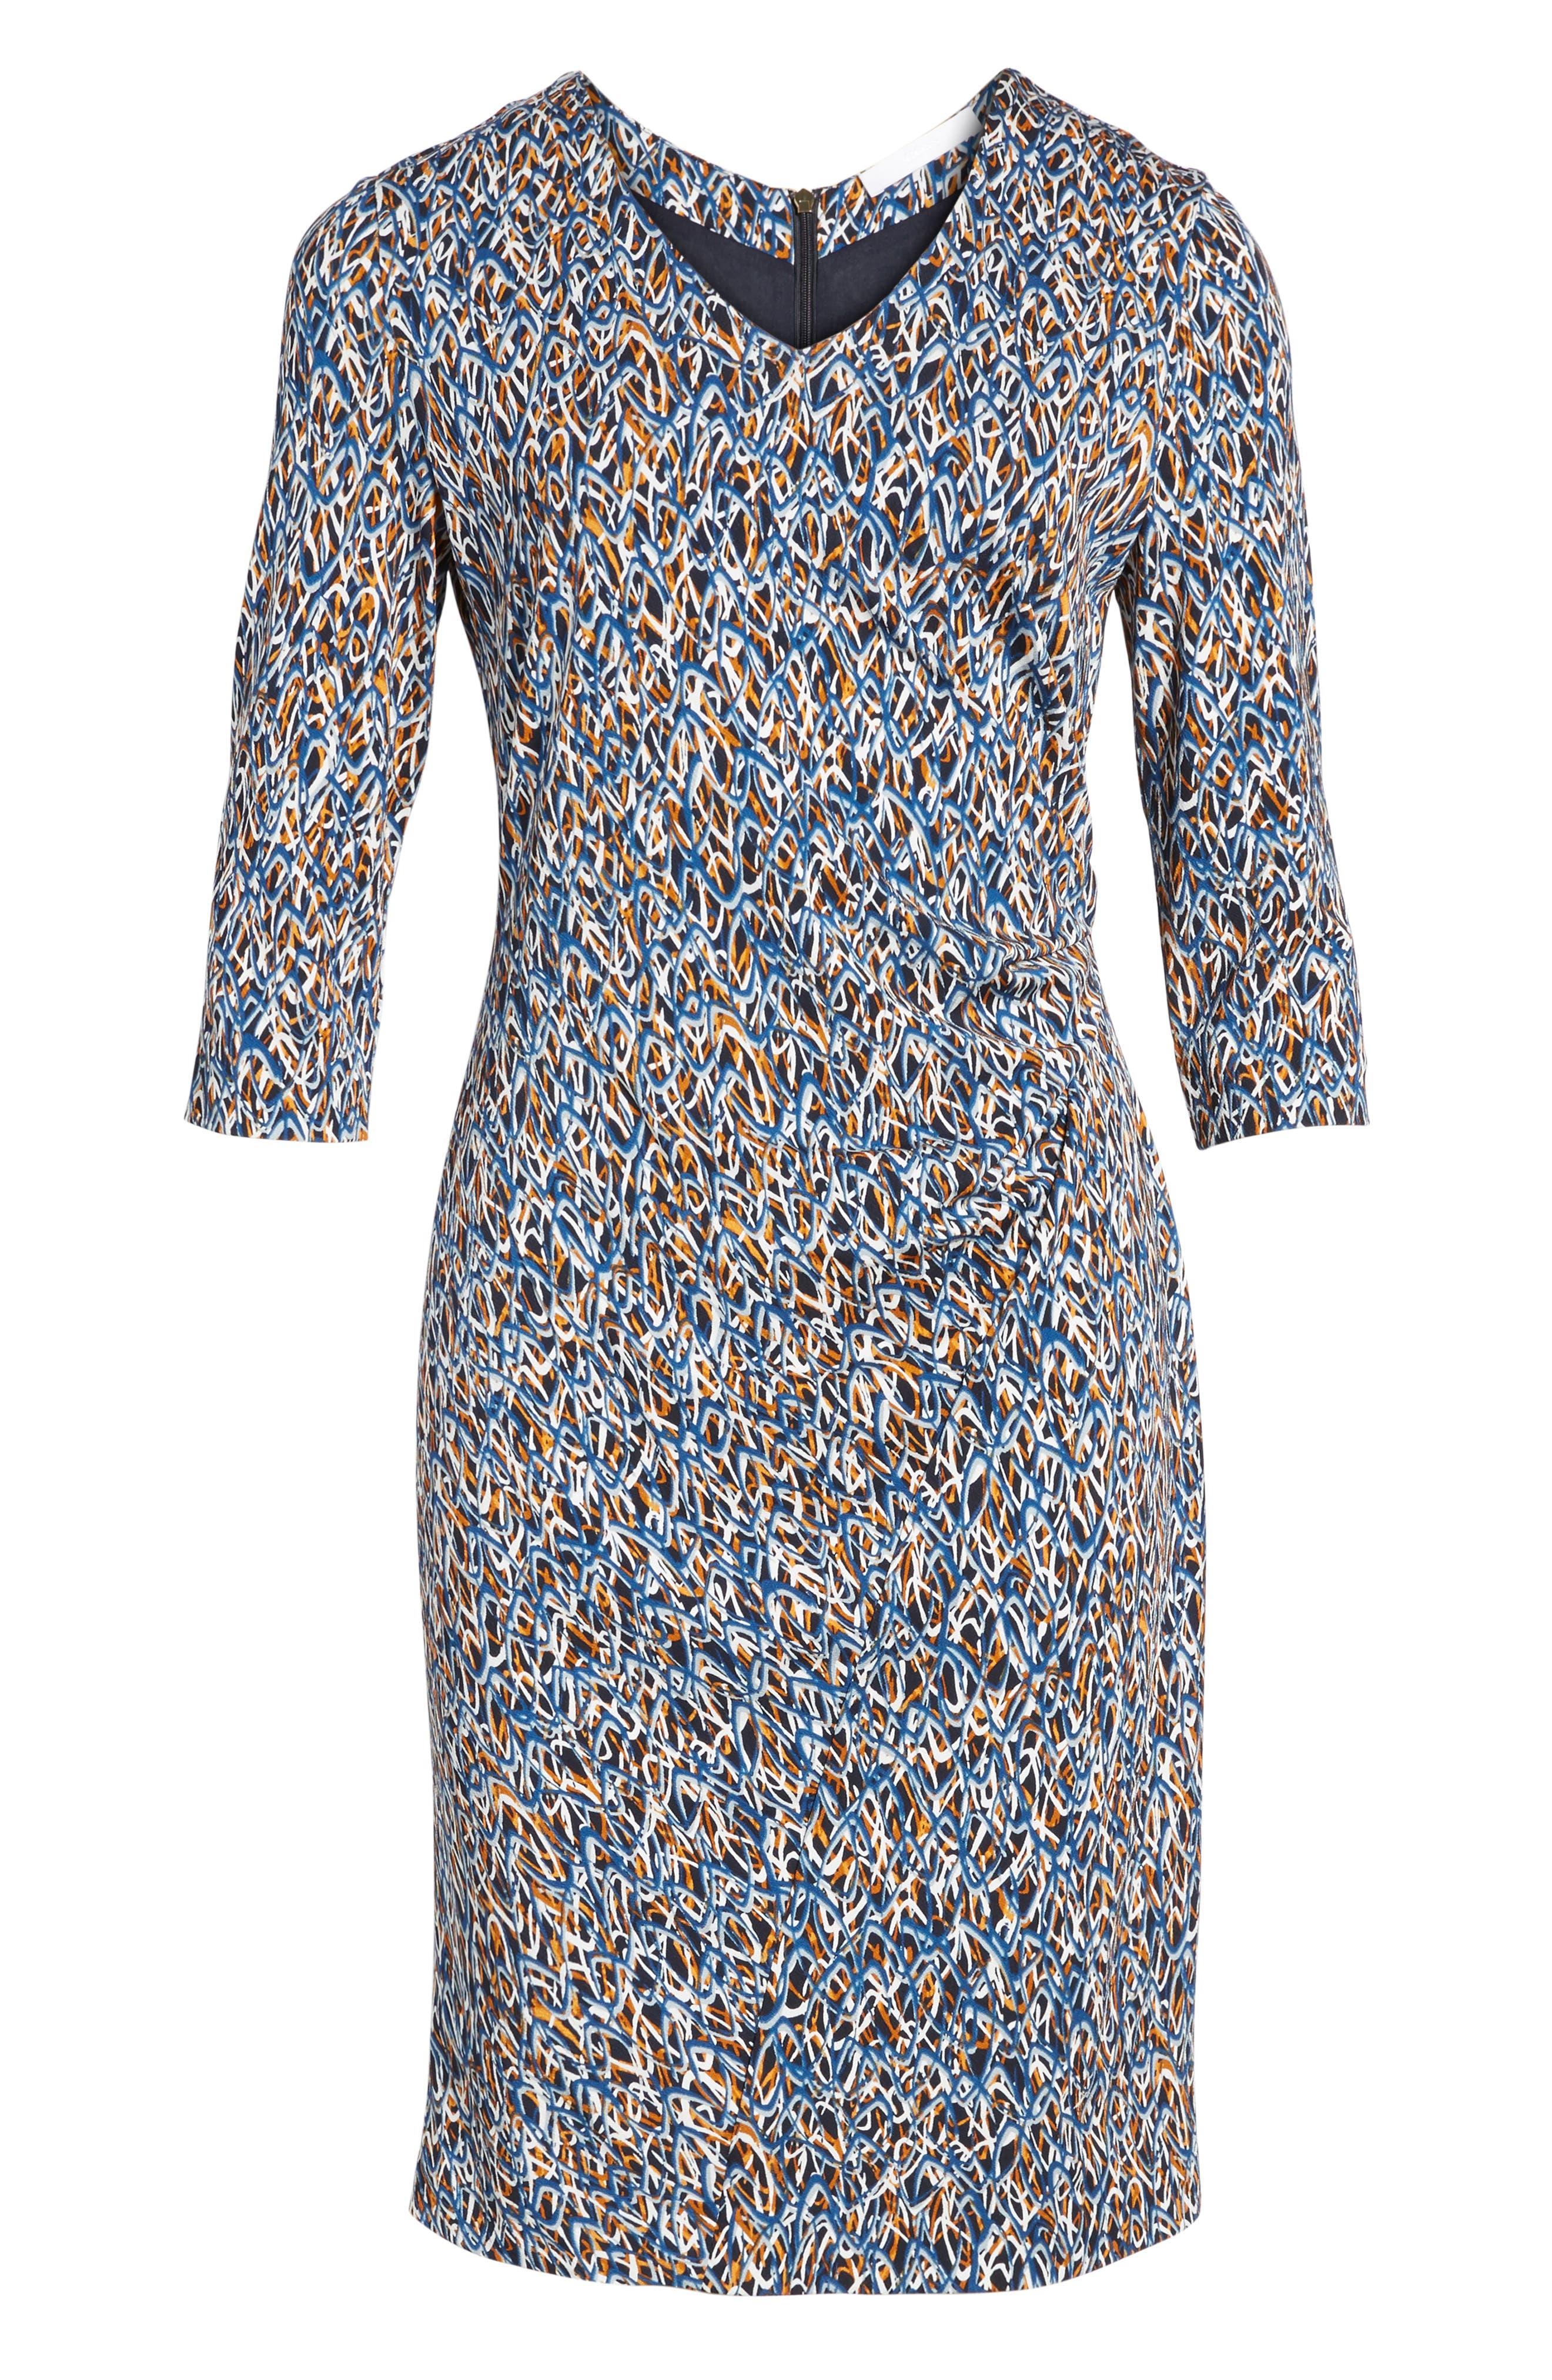 Epona Print Sheath Dress,                             Alternate thumbnail 6, color,                             461